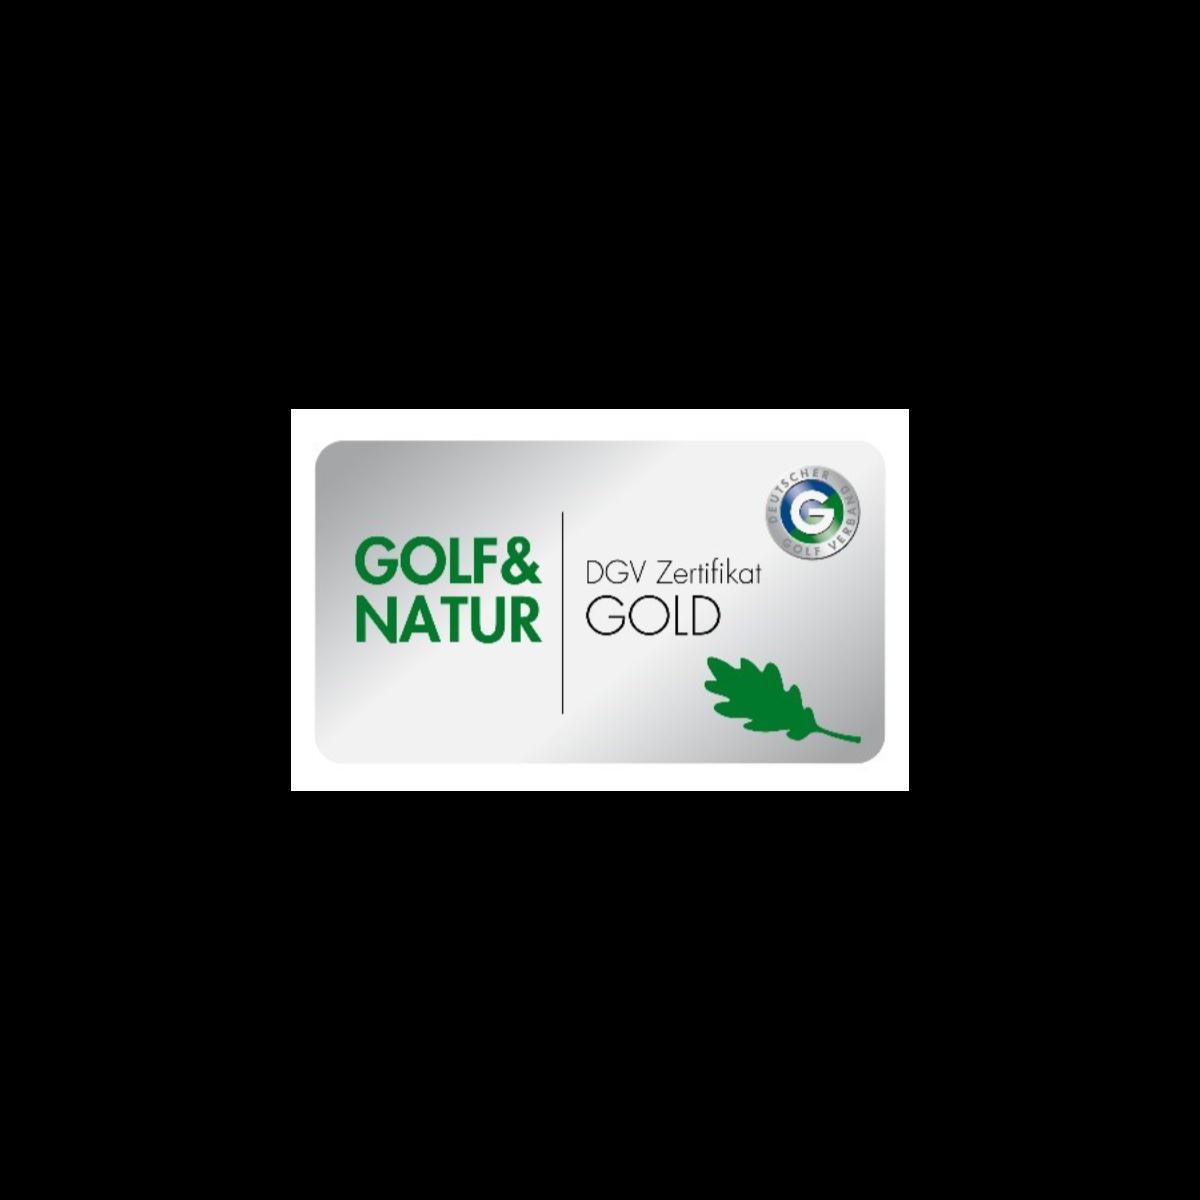 Golf und Natur